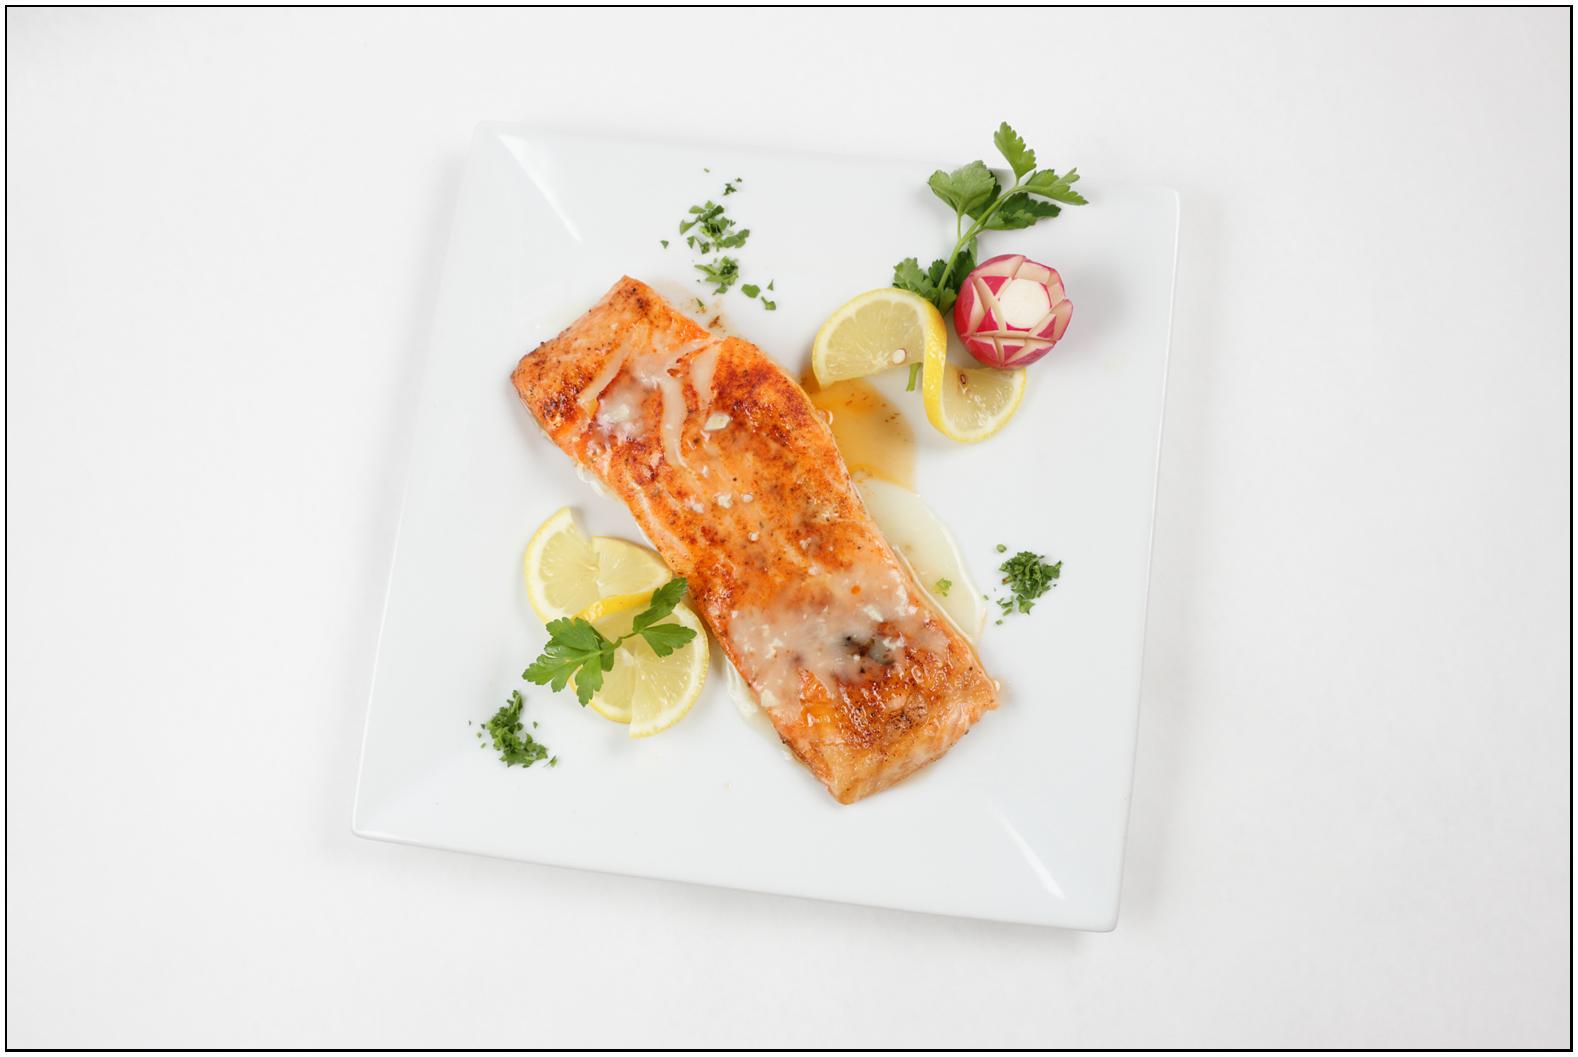 Salmon Filet